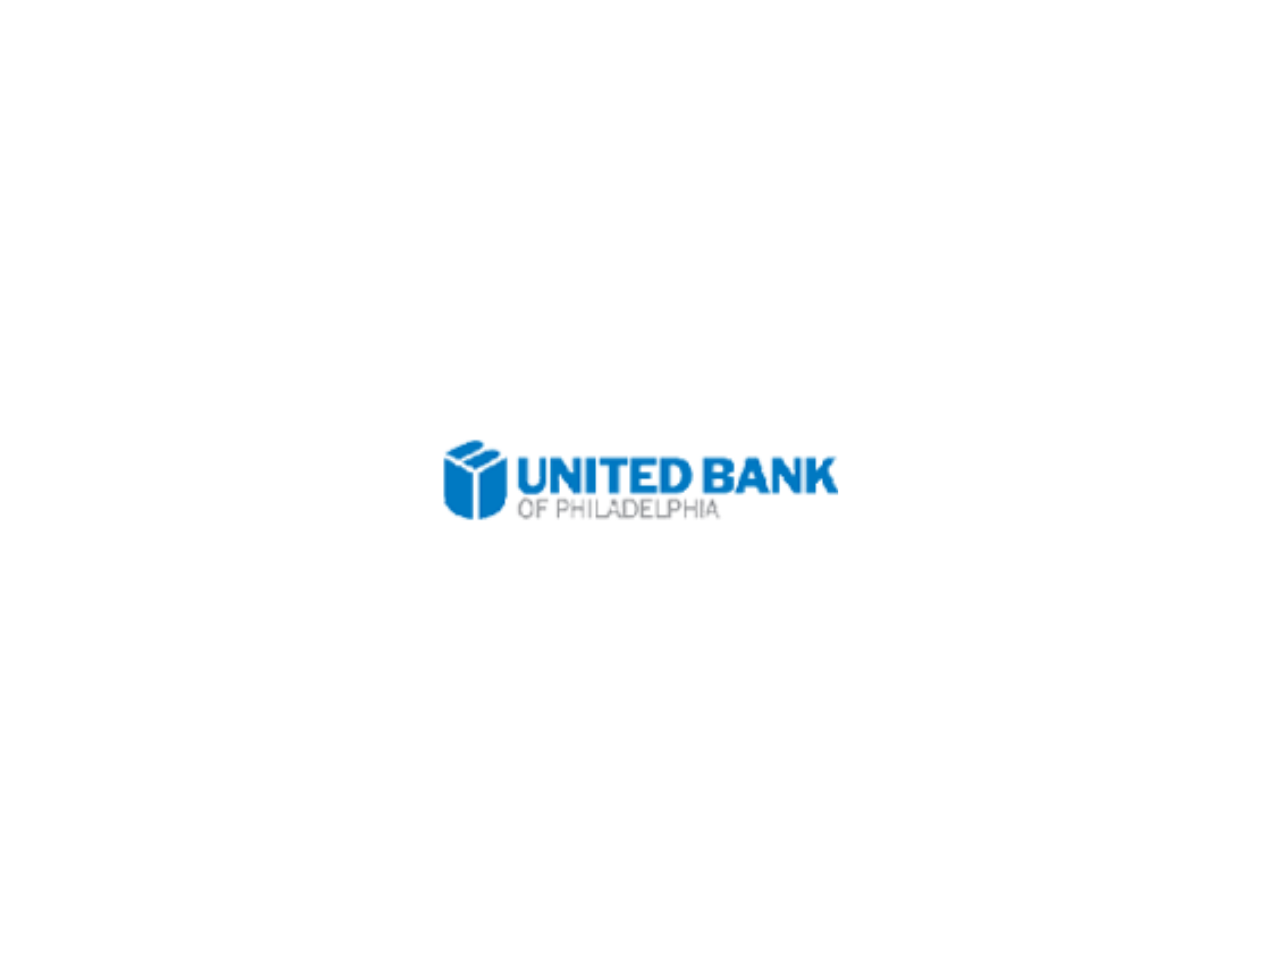 United Bank of Philadelphia